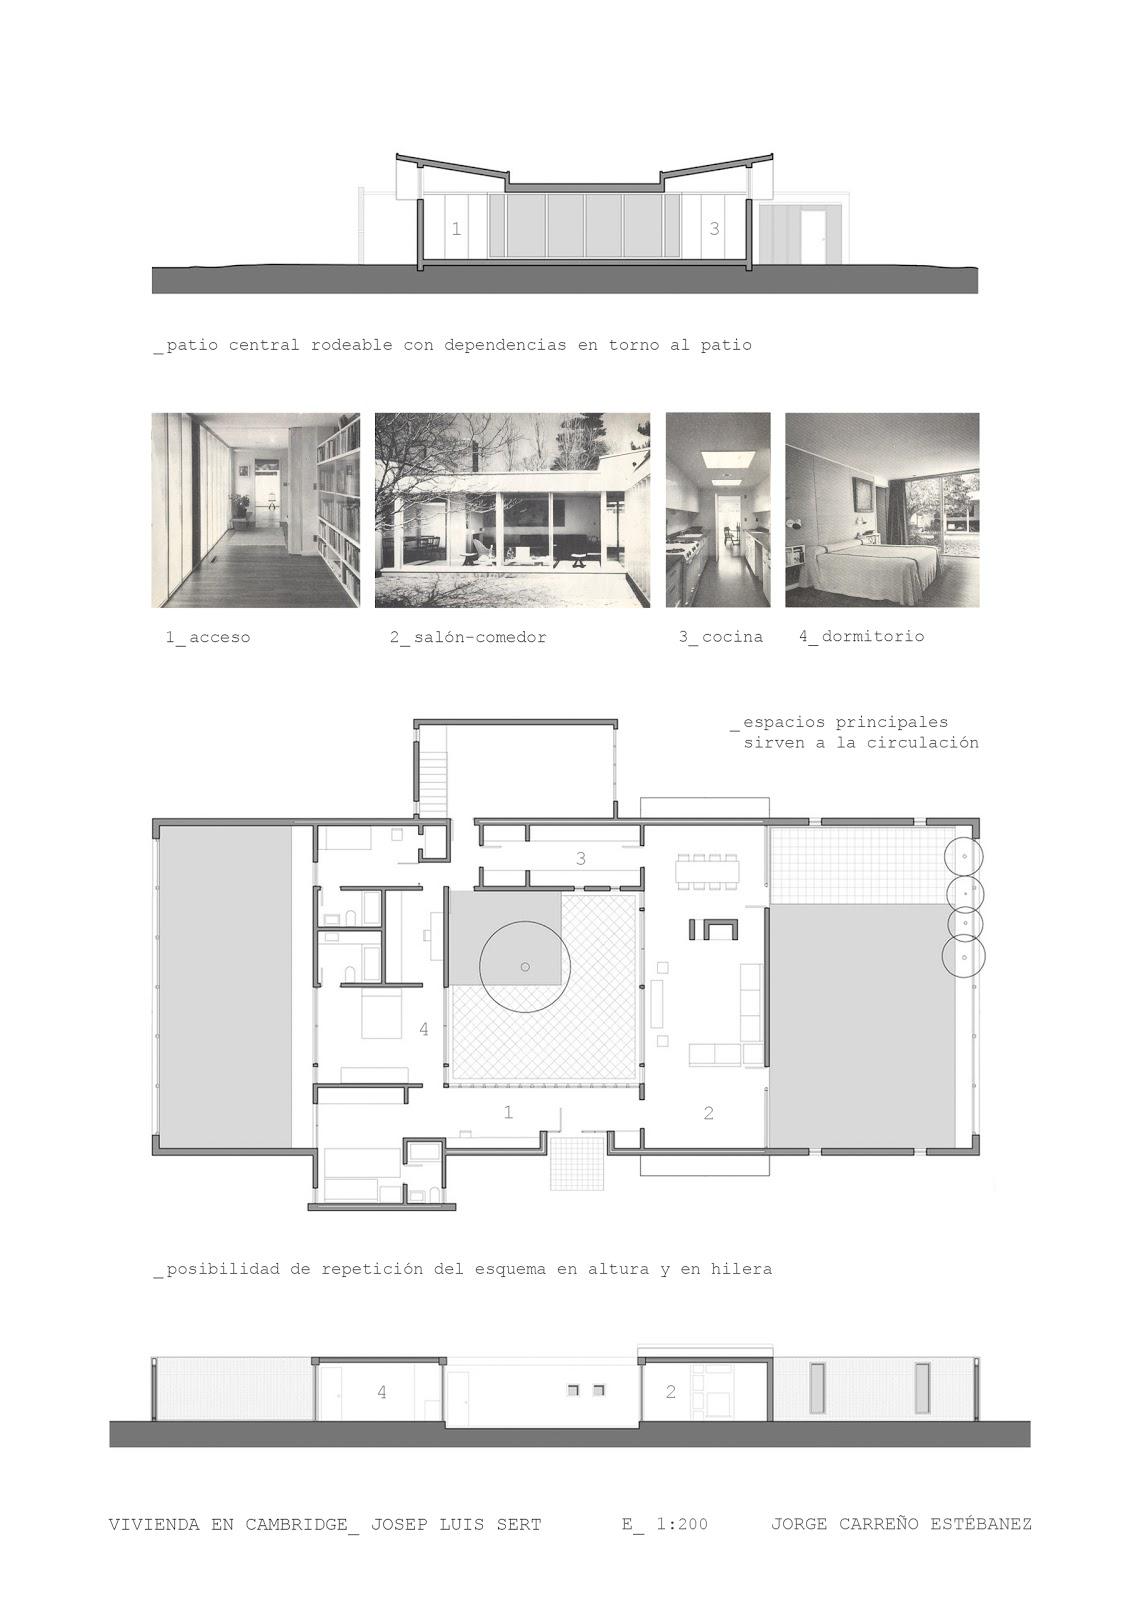 p2_jce: e1_ casas con patio